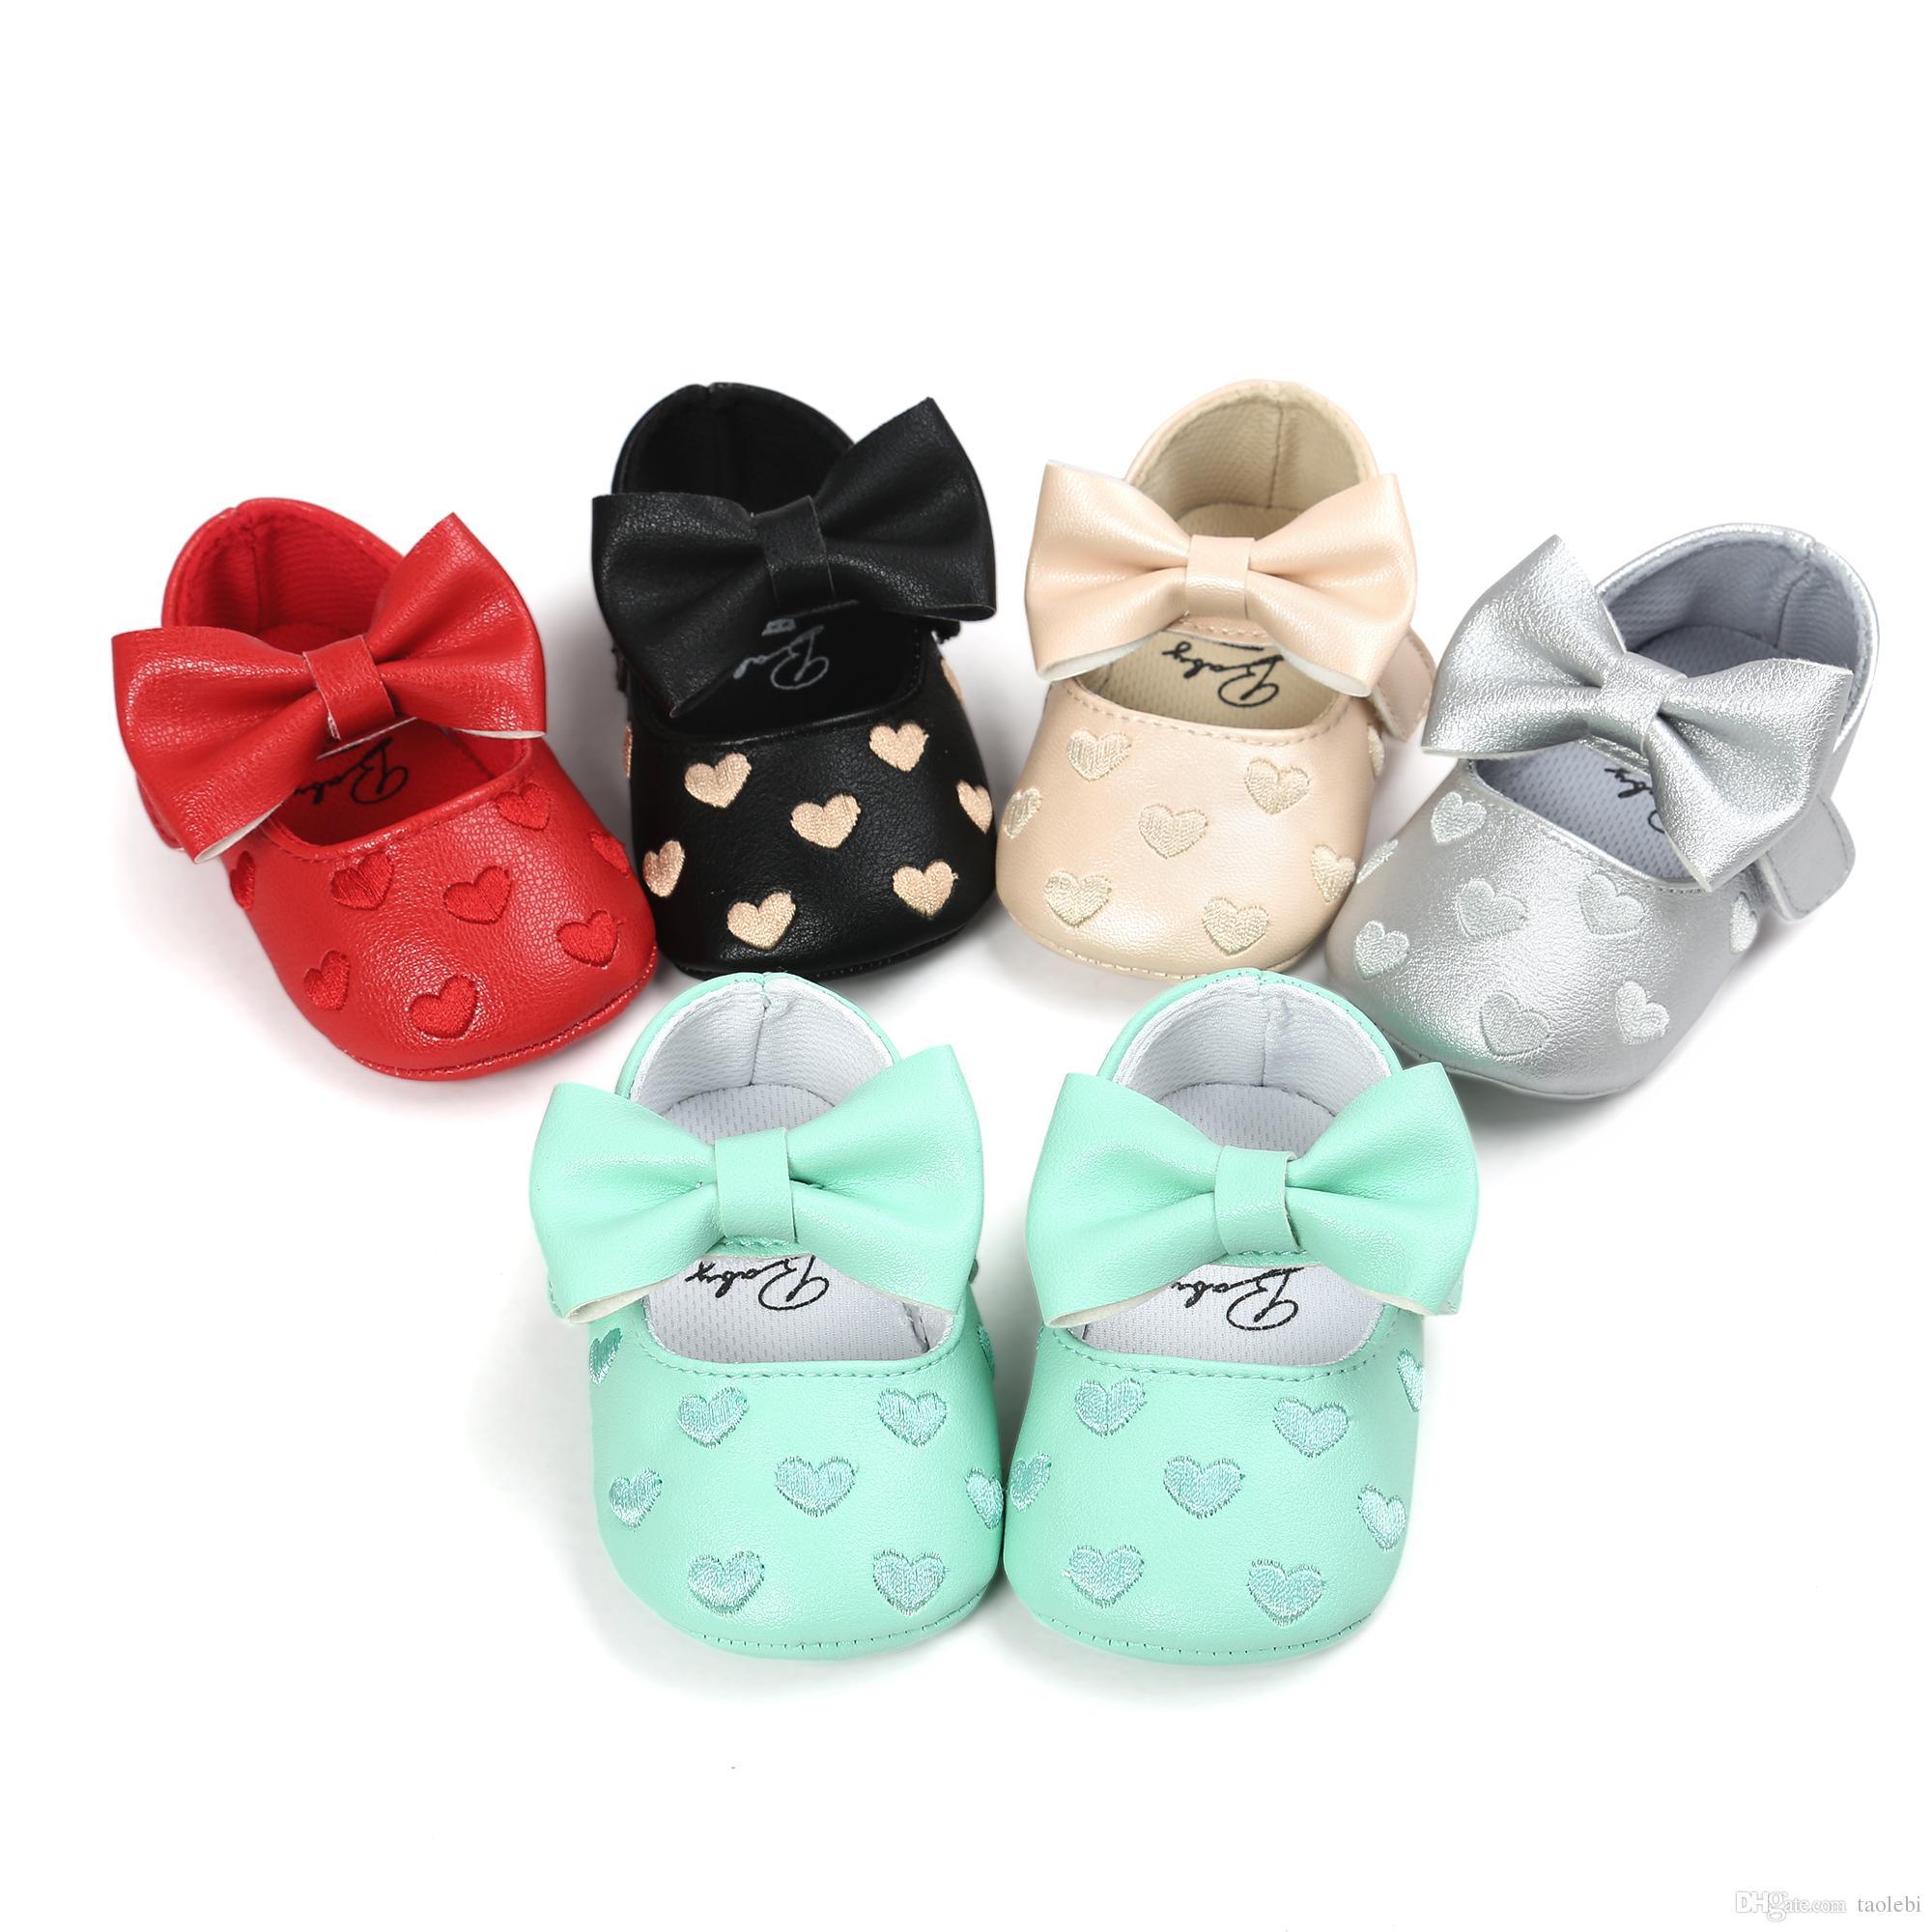 en gros bébé pralkalker chaussures bébé fille chaussures coeur doux bébé princesse chaussures beaucoup de couleurs pour choisir